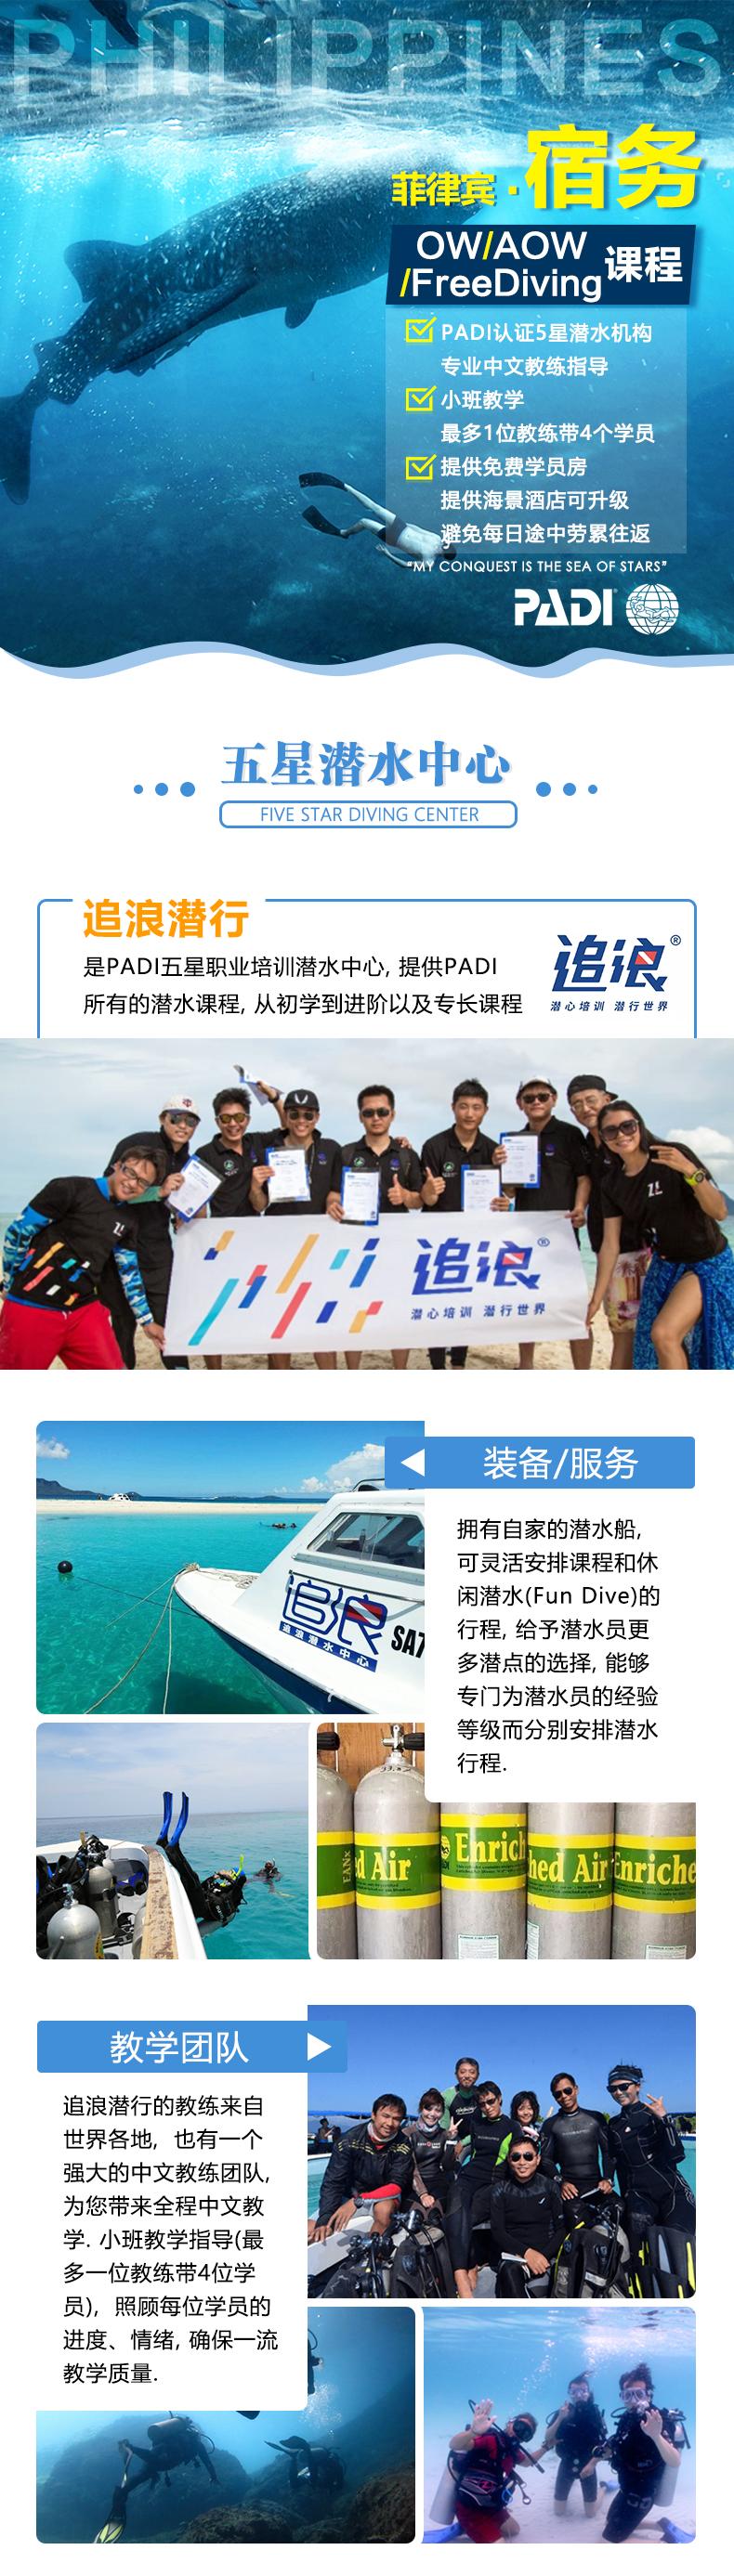 菲律宾宿务 追浪潜水中心 PADI OW/AOW和 PADI FREE DIVING考证考牌教学课程潜水证